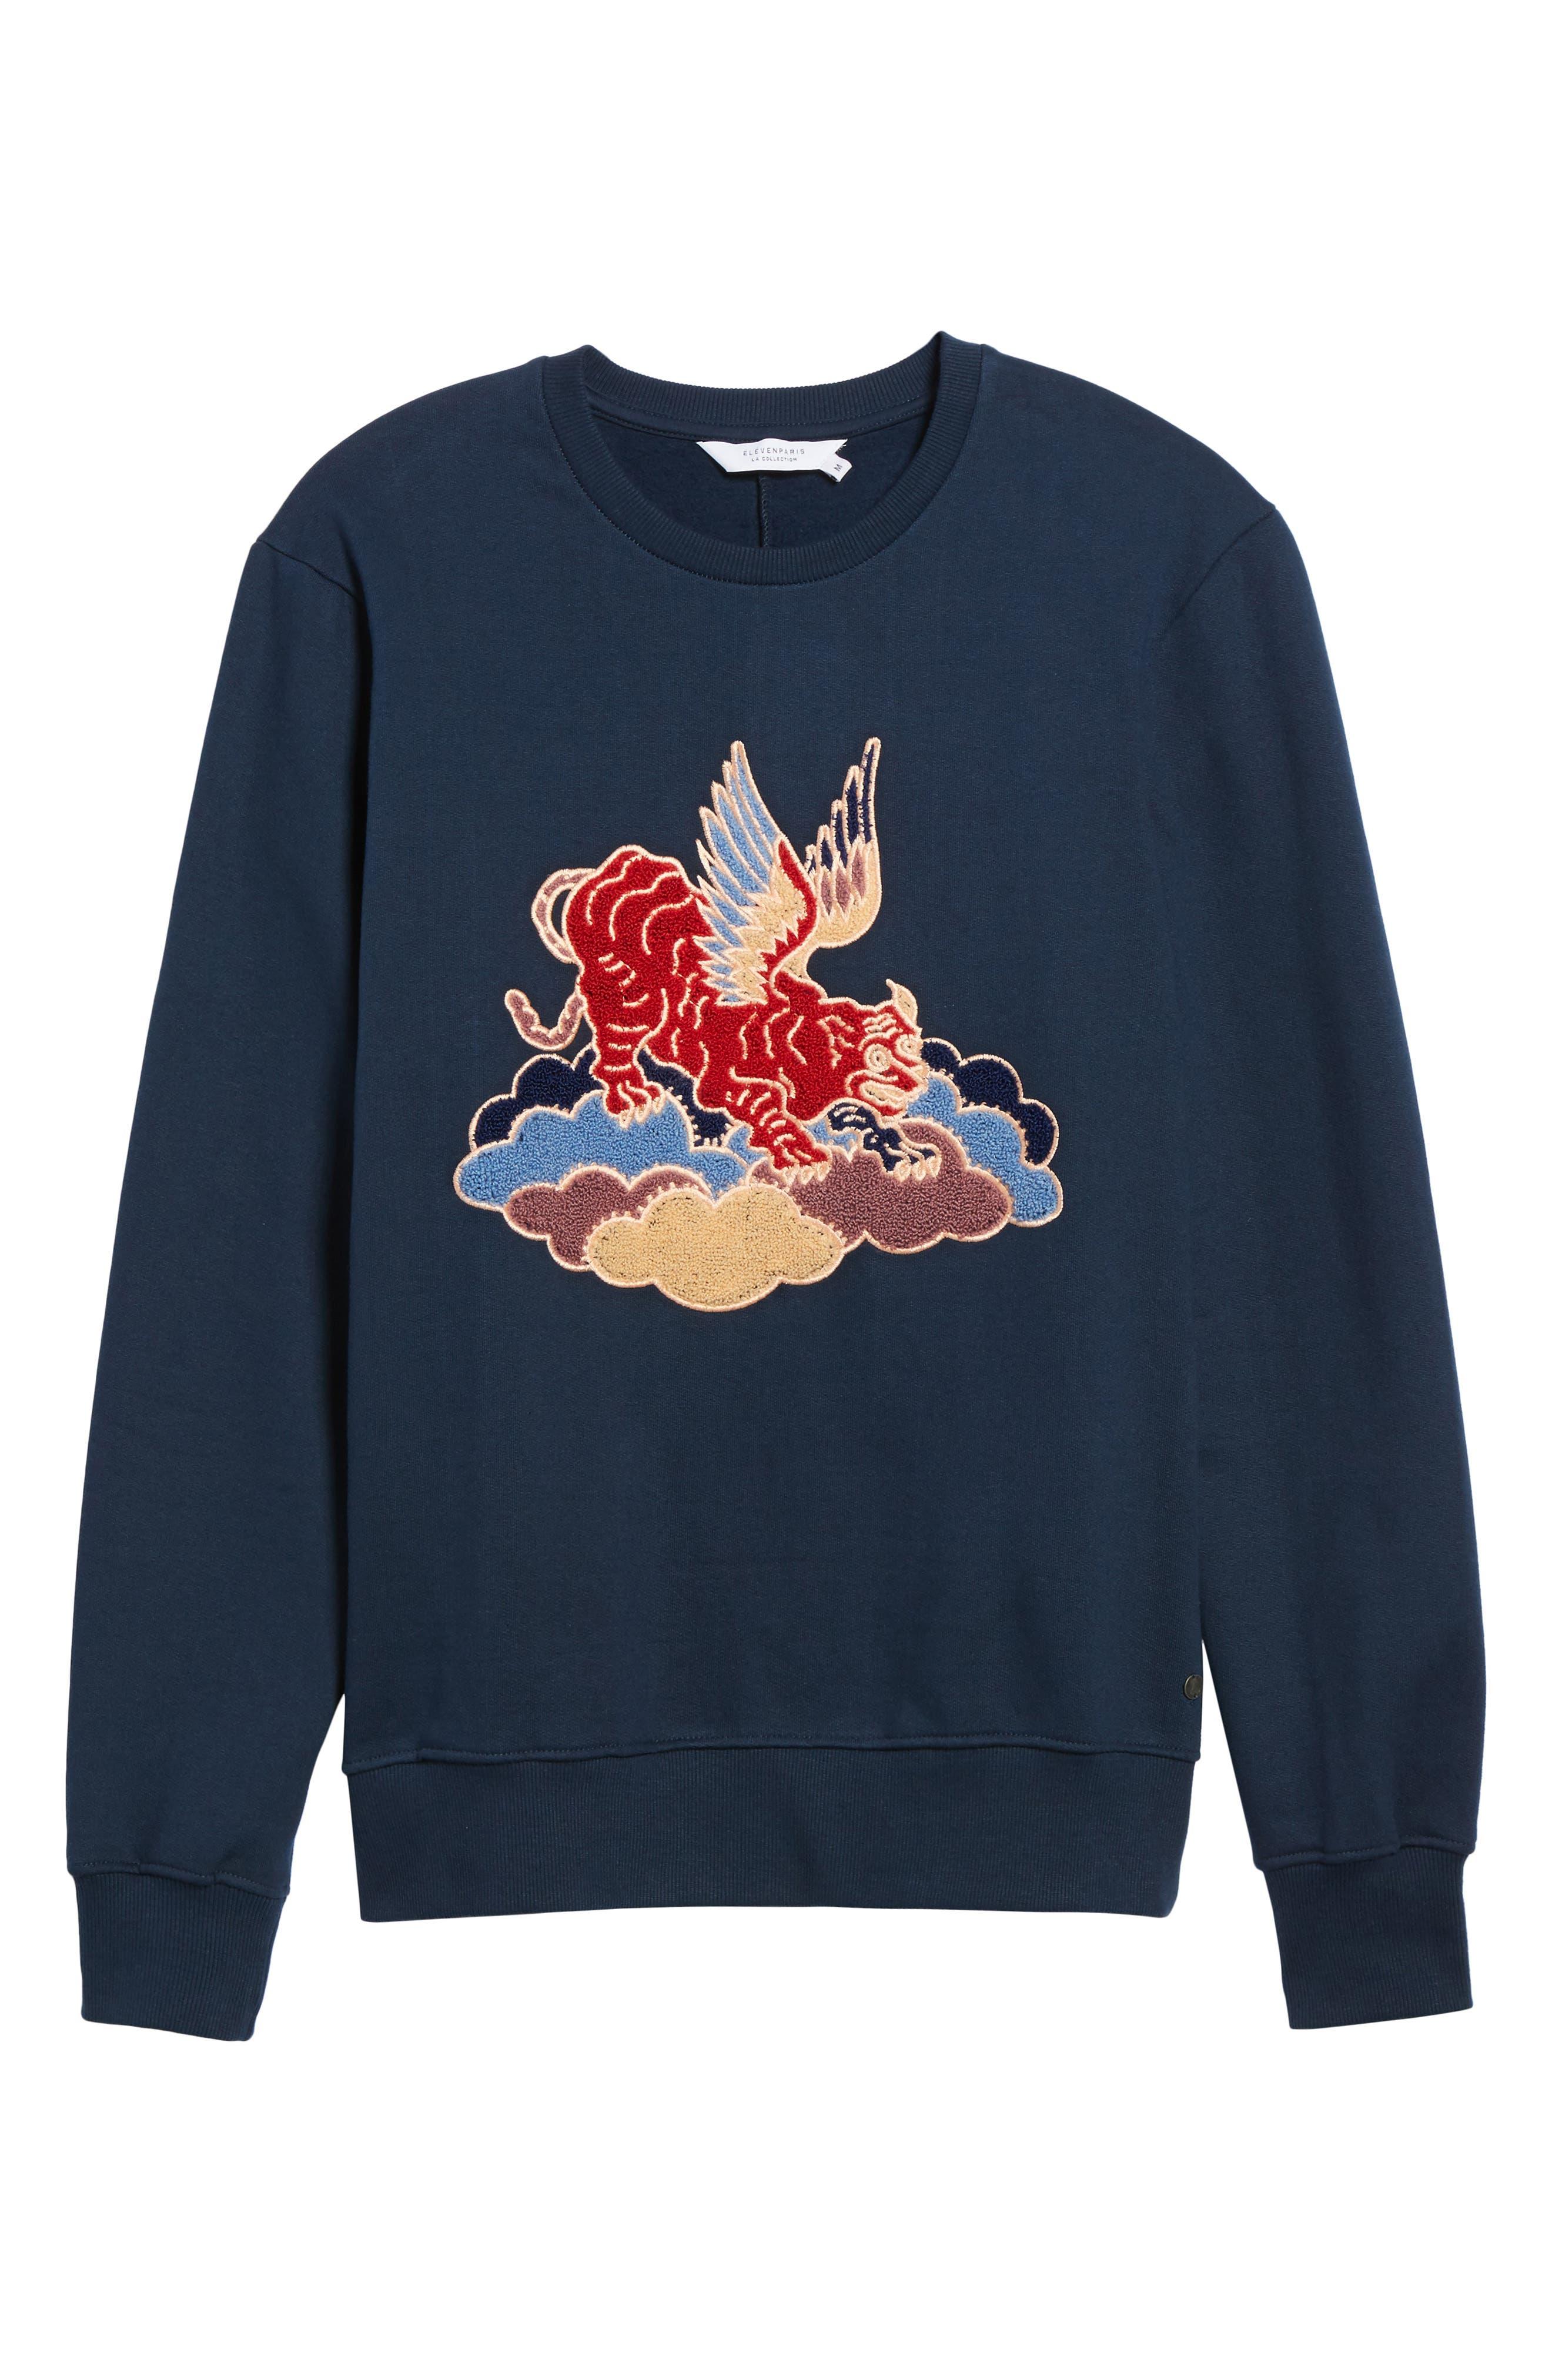 Nokat Appliqué Sweatshirt,                             Alternate thumbnail 6, color,                             018